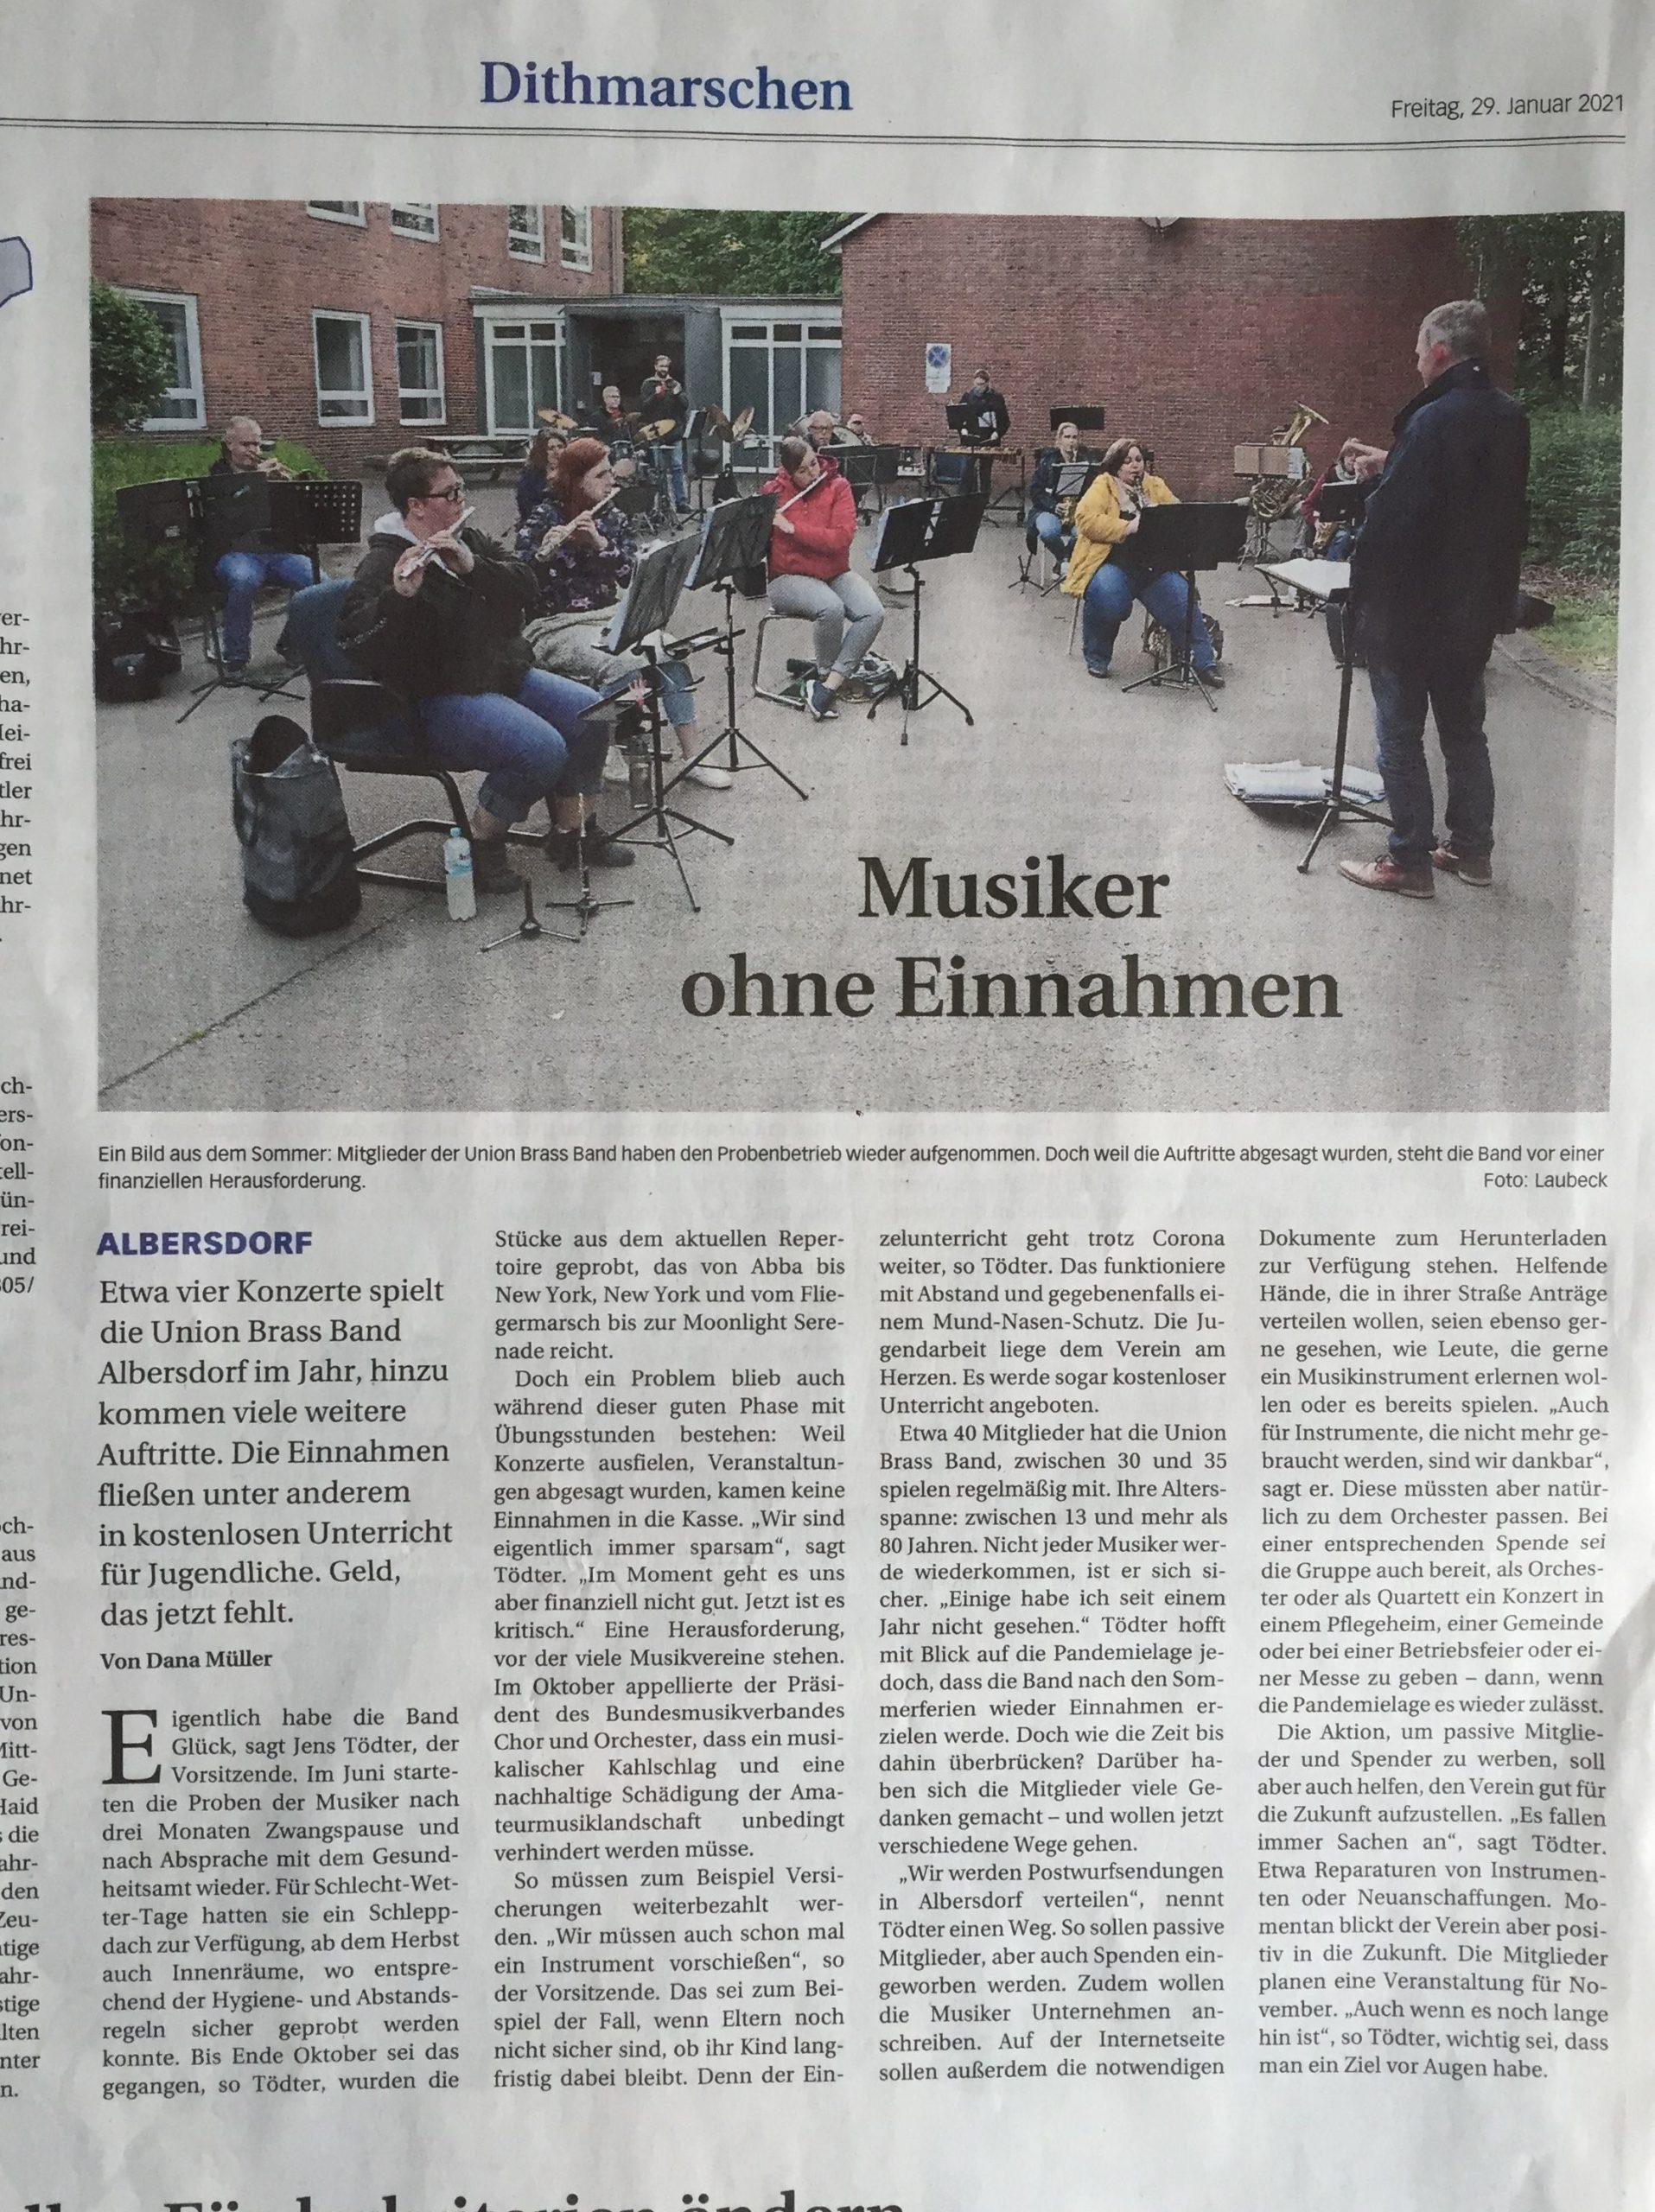 Musiker ohne Einnahmen DLZ 28.Jan2021